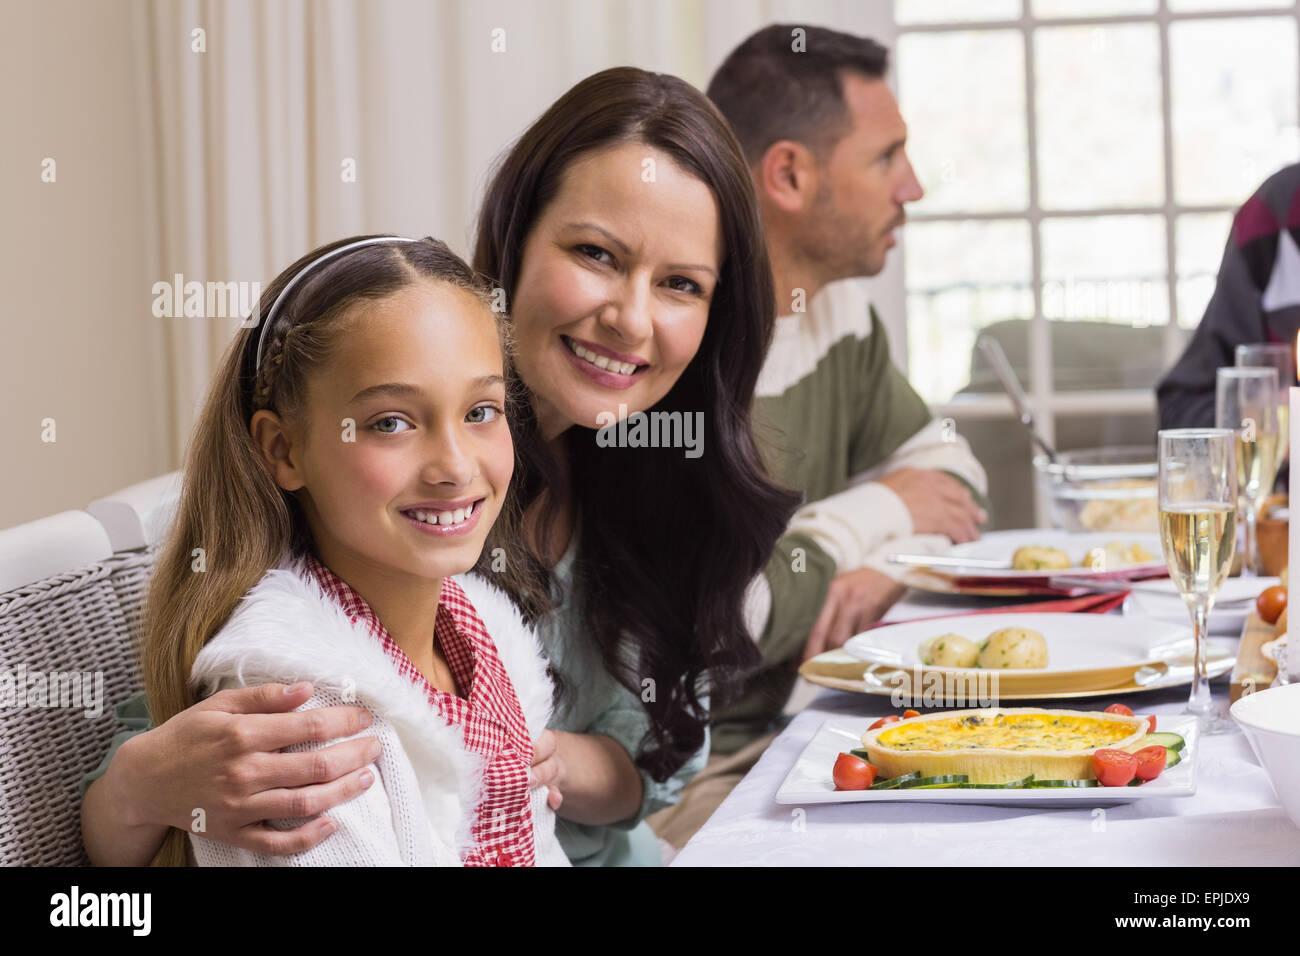 Chica y la madre en la cena de navidad sonriendo a la cámara Imagen De Stock